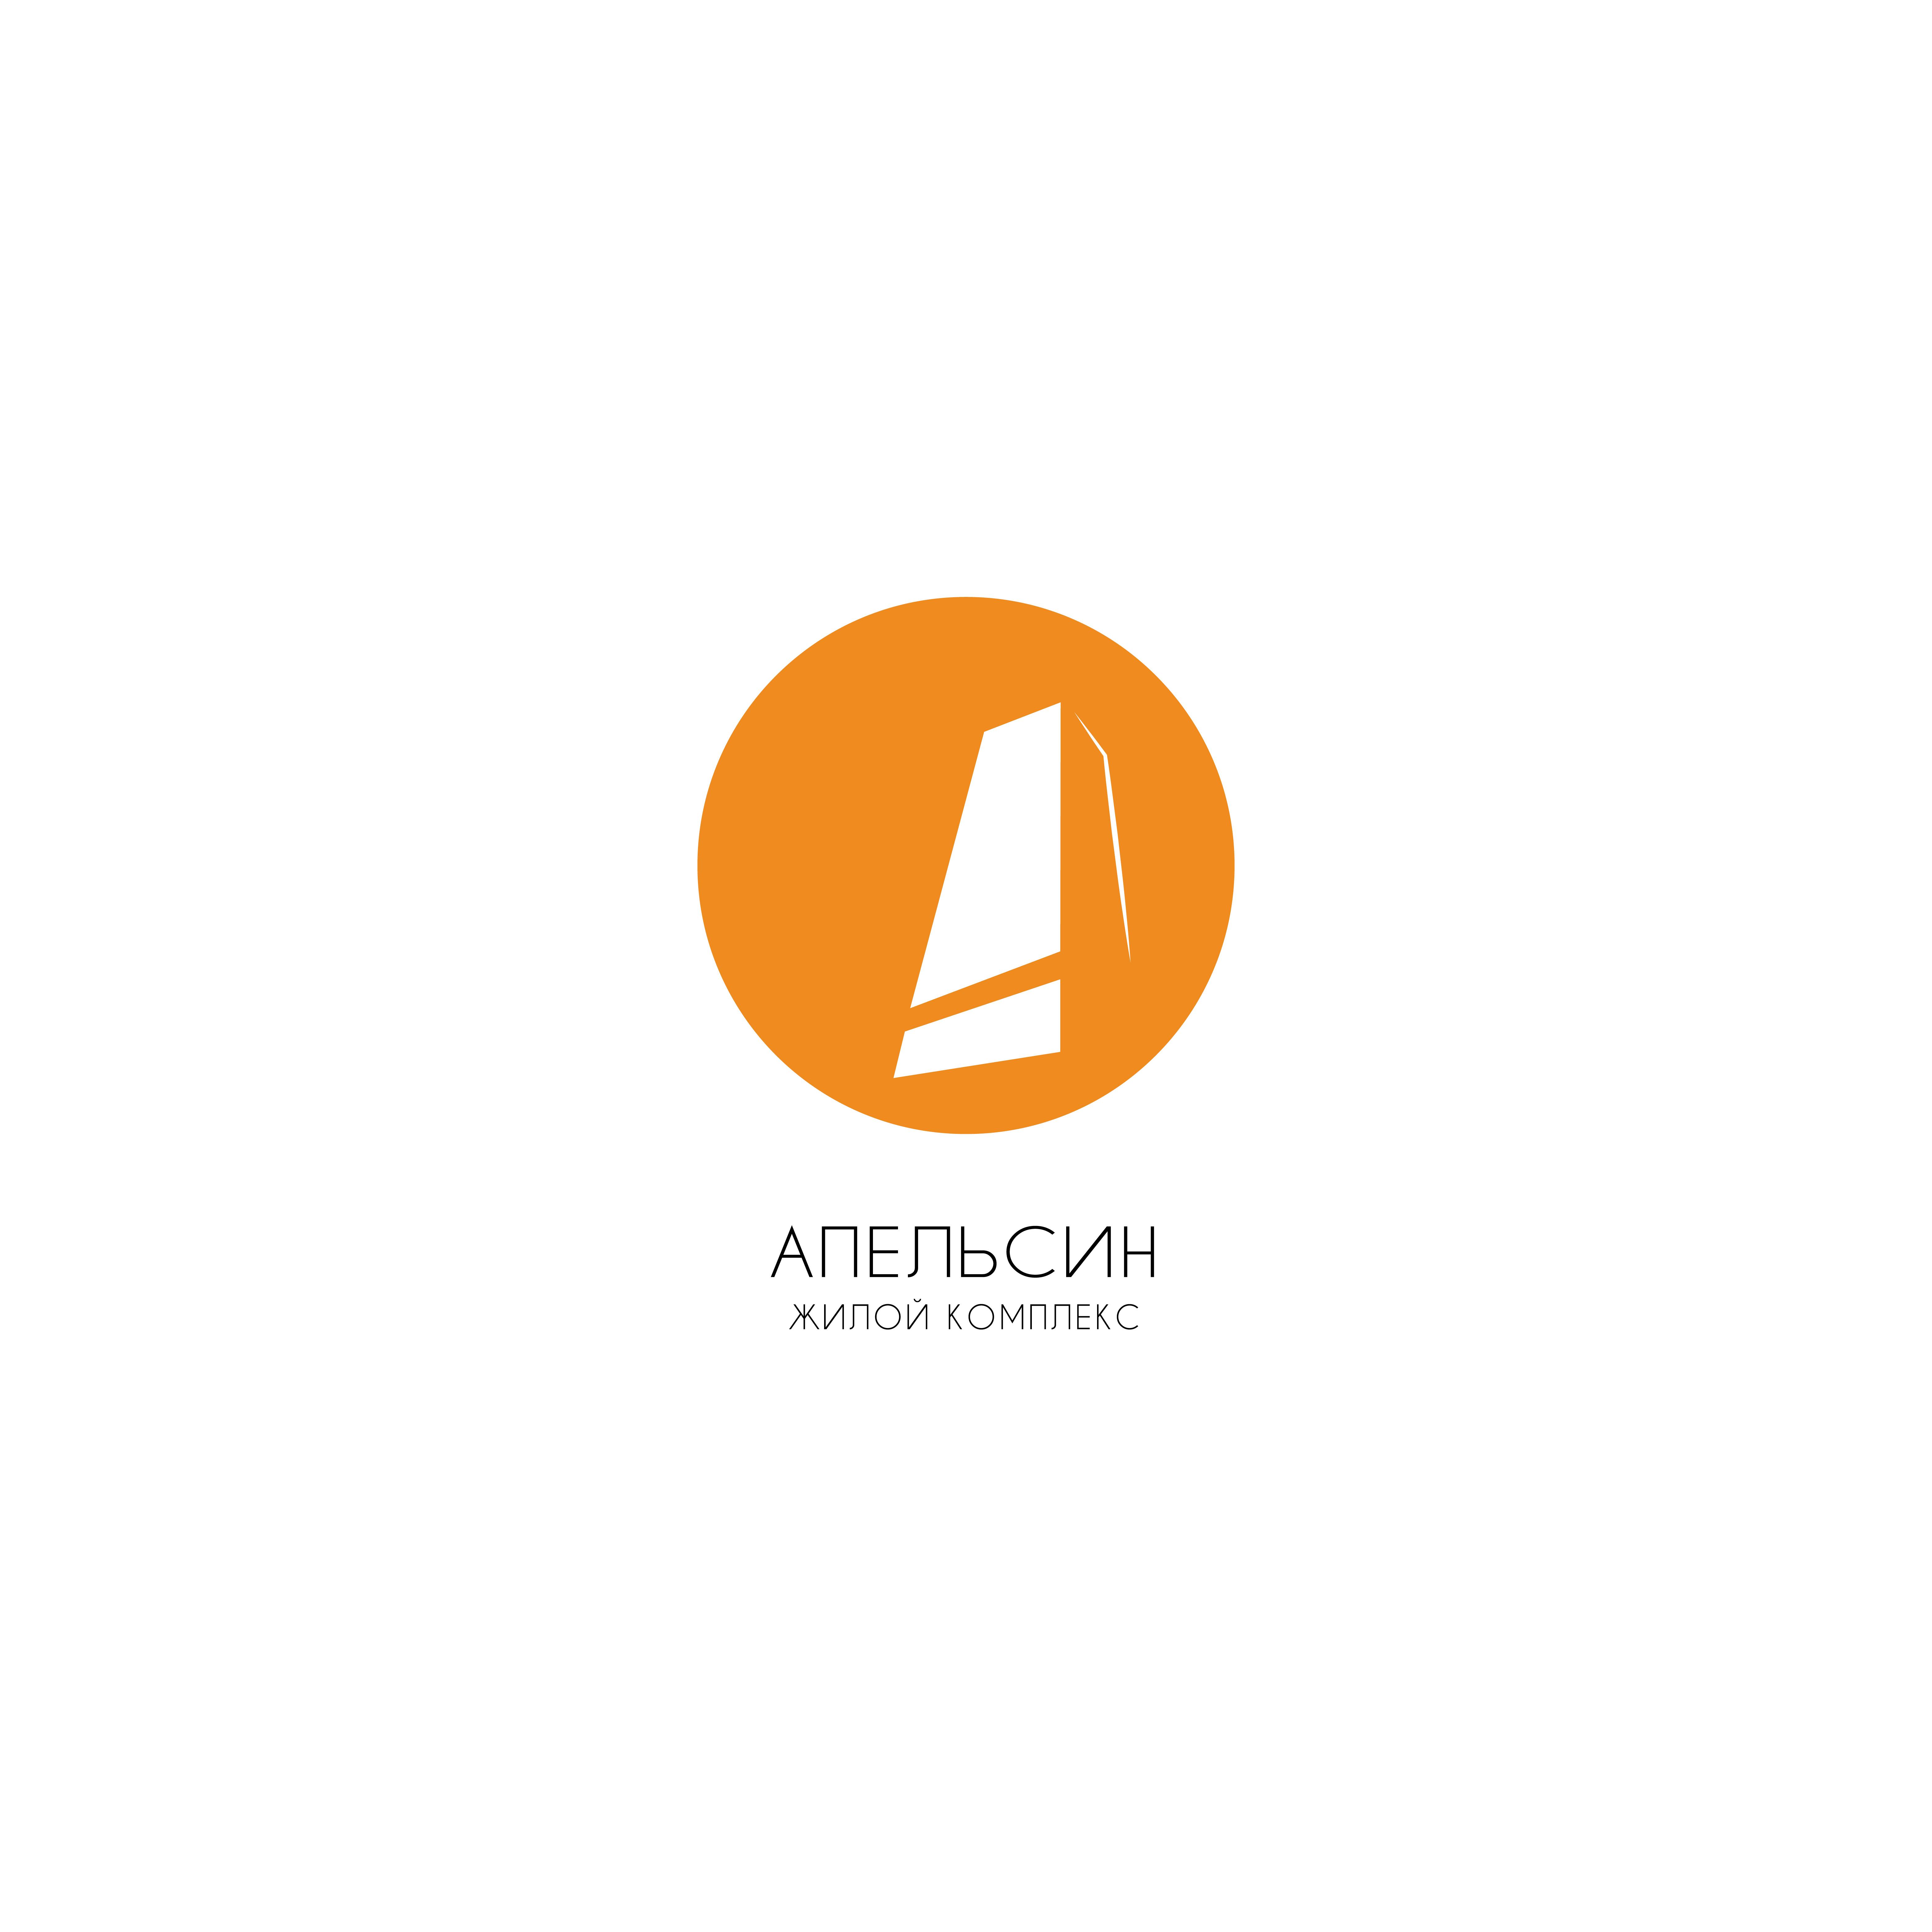 Логотип и фирменный стиль фото f_2505a71f5656c676.jpg